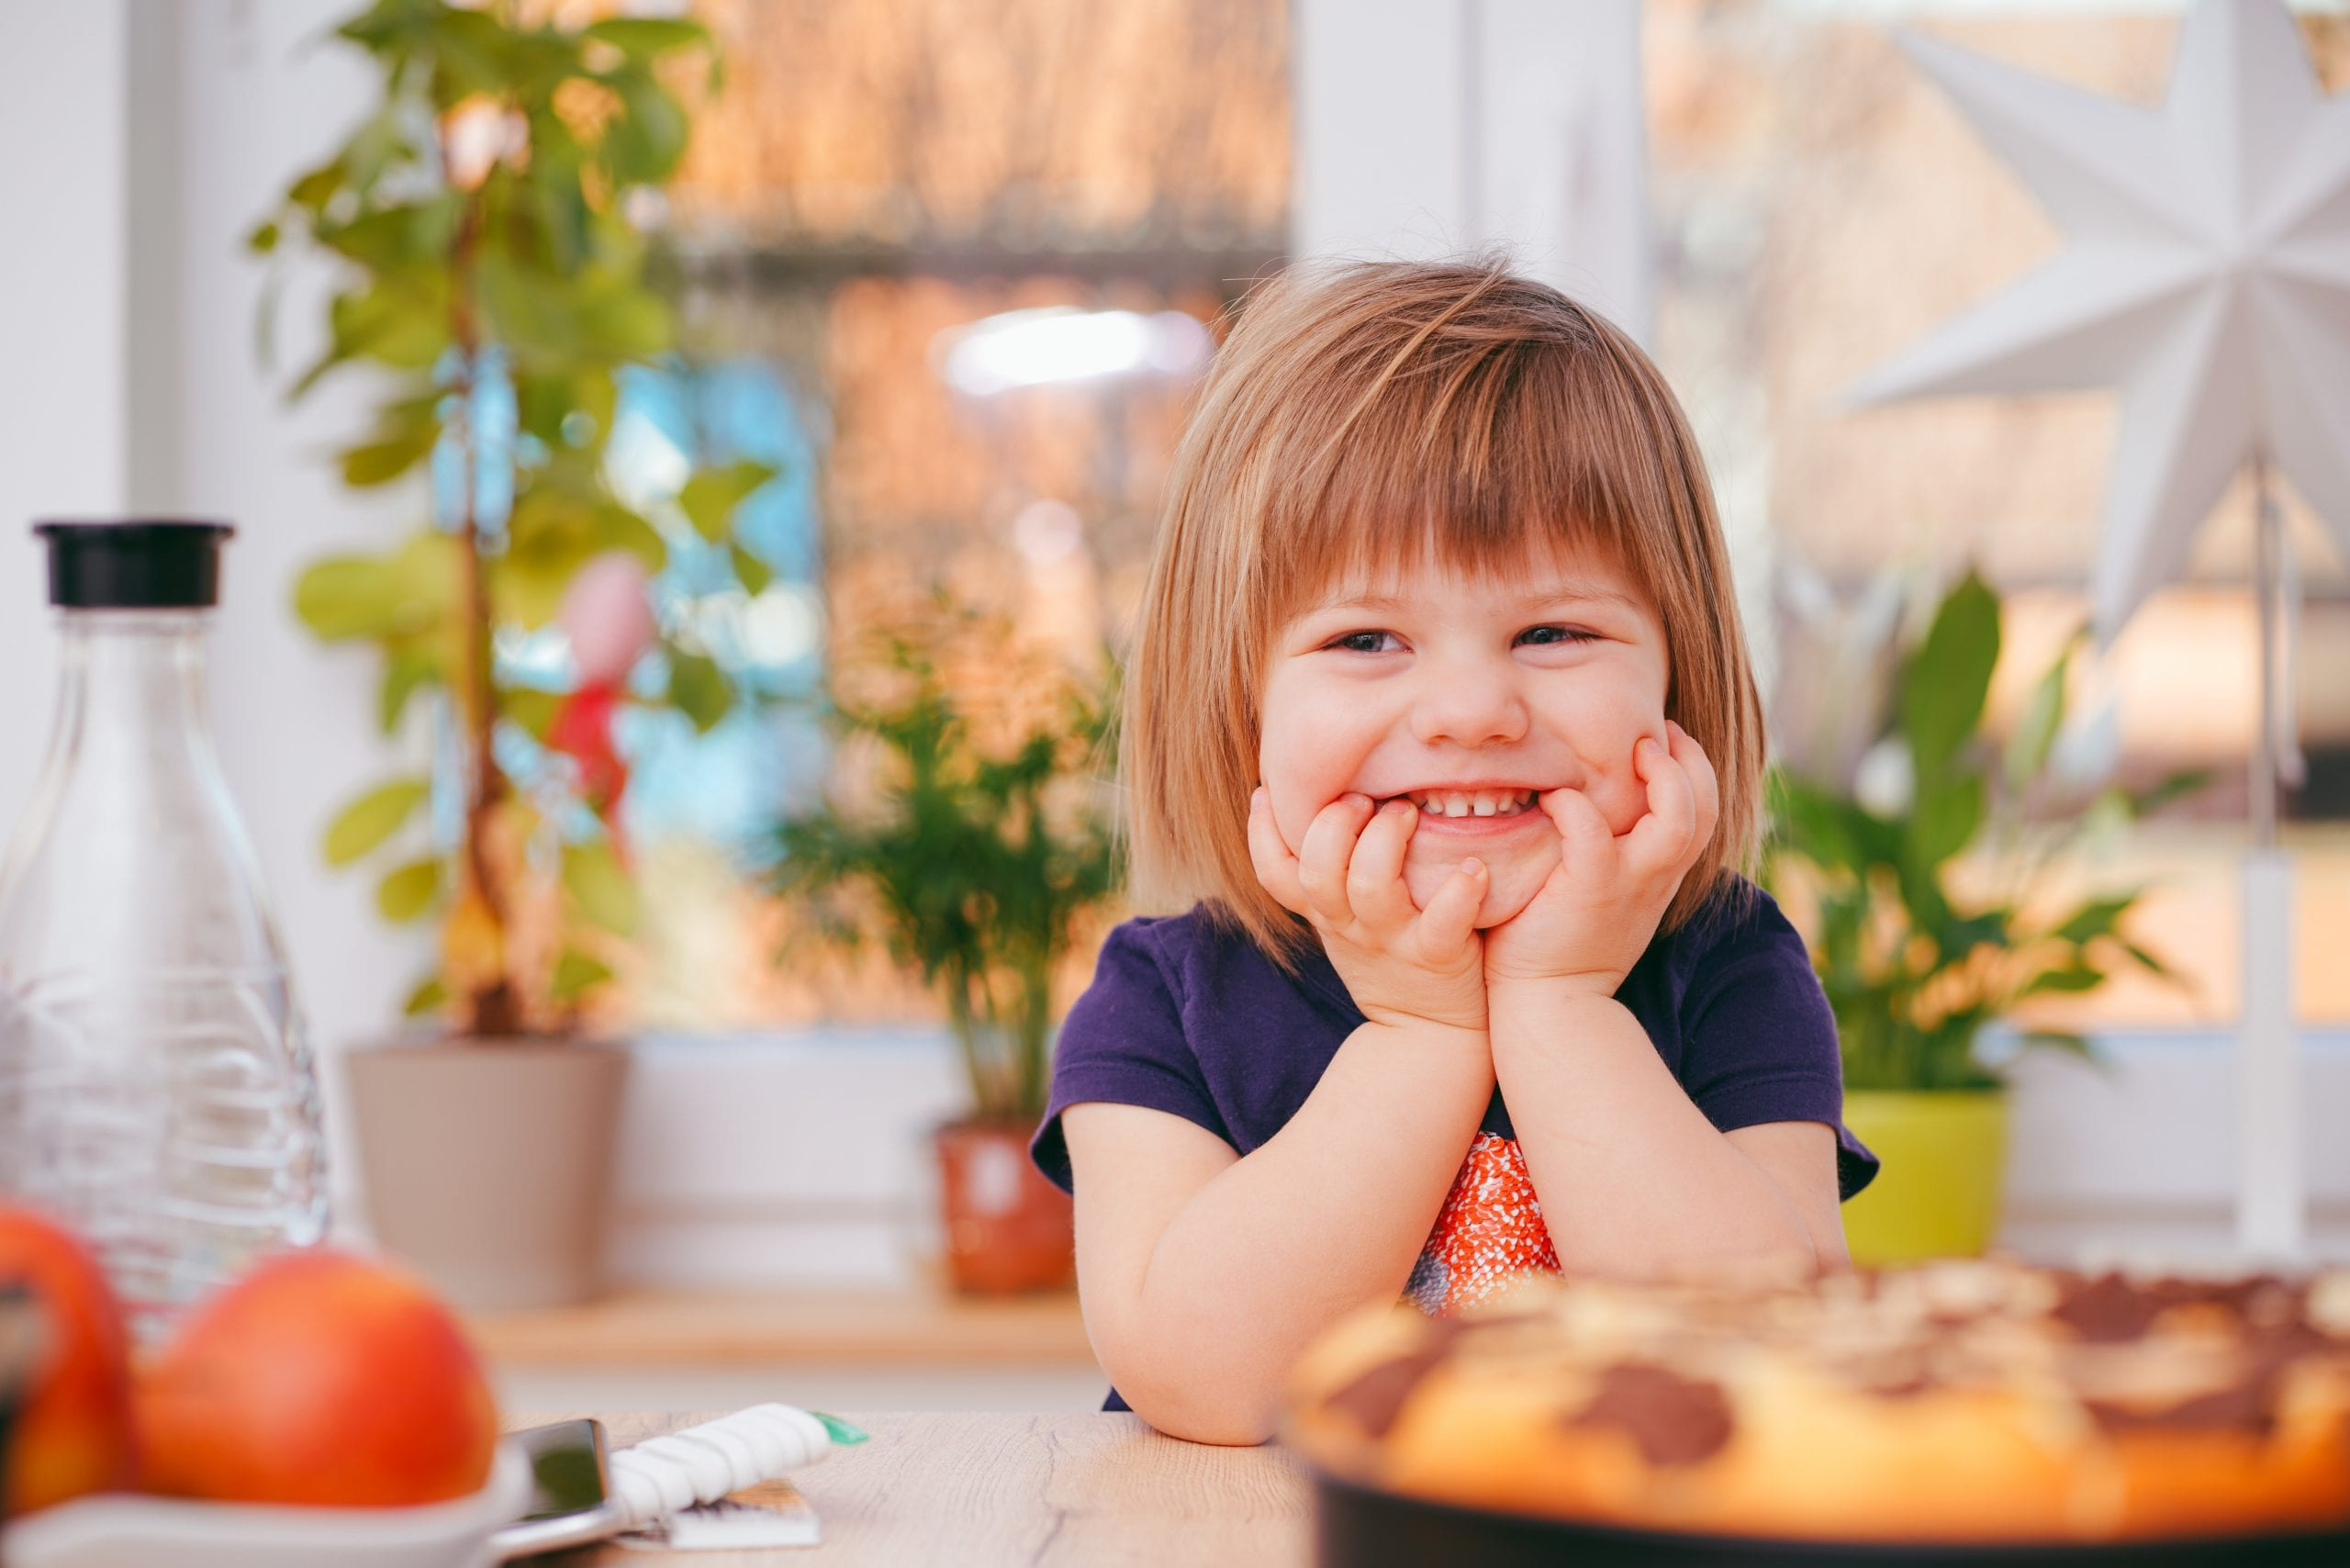 gyermekek fogyókúrás tippjei)